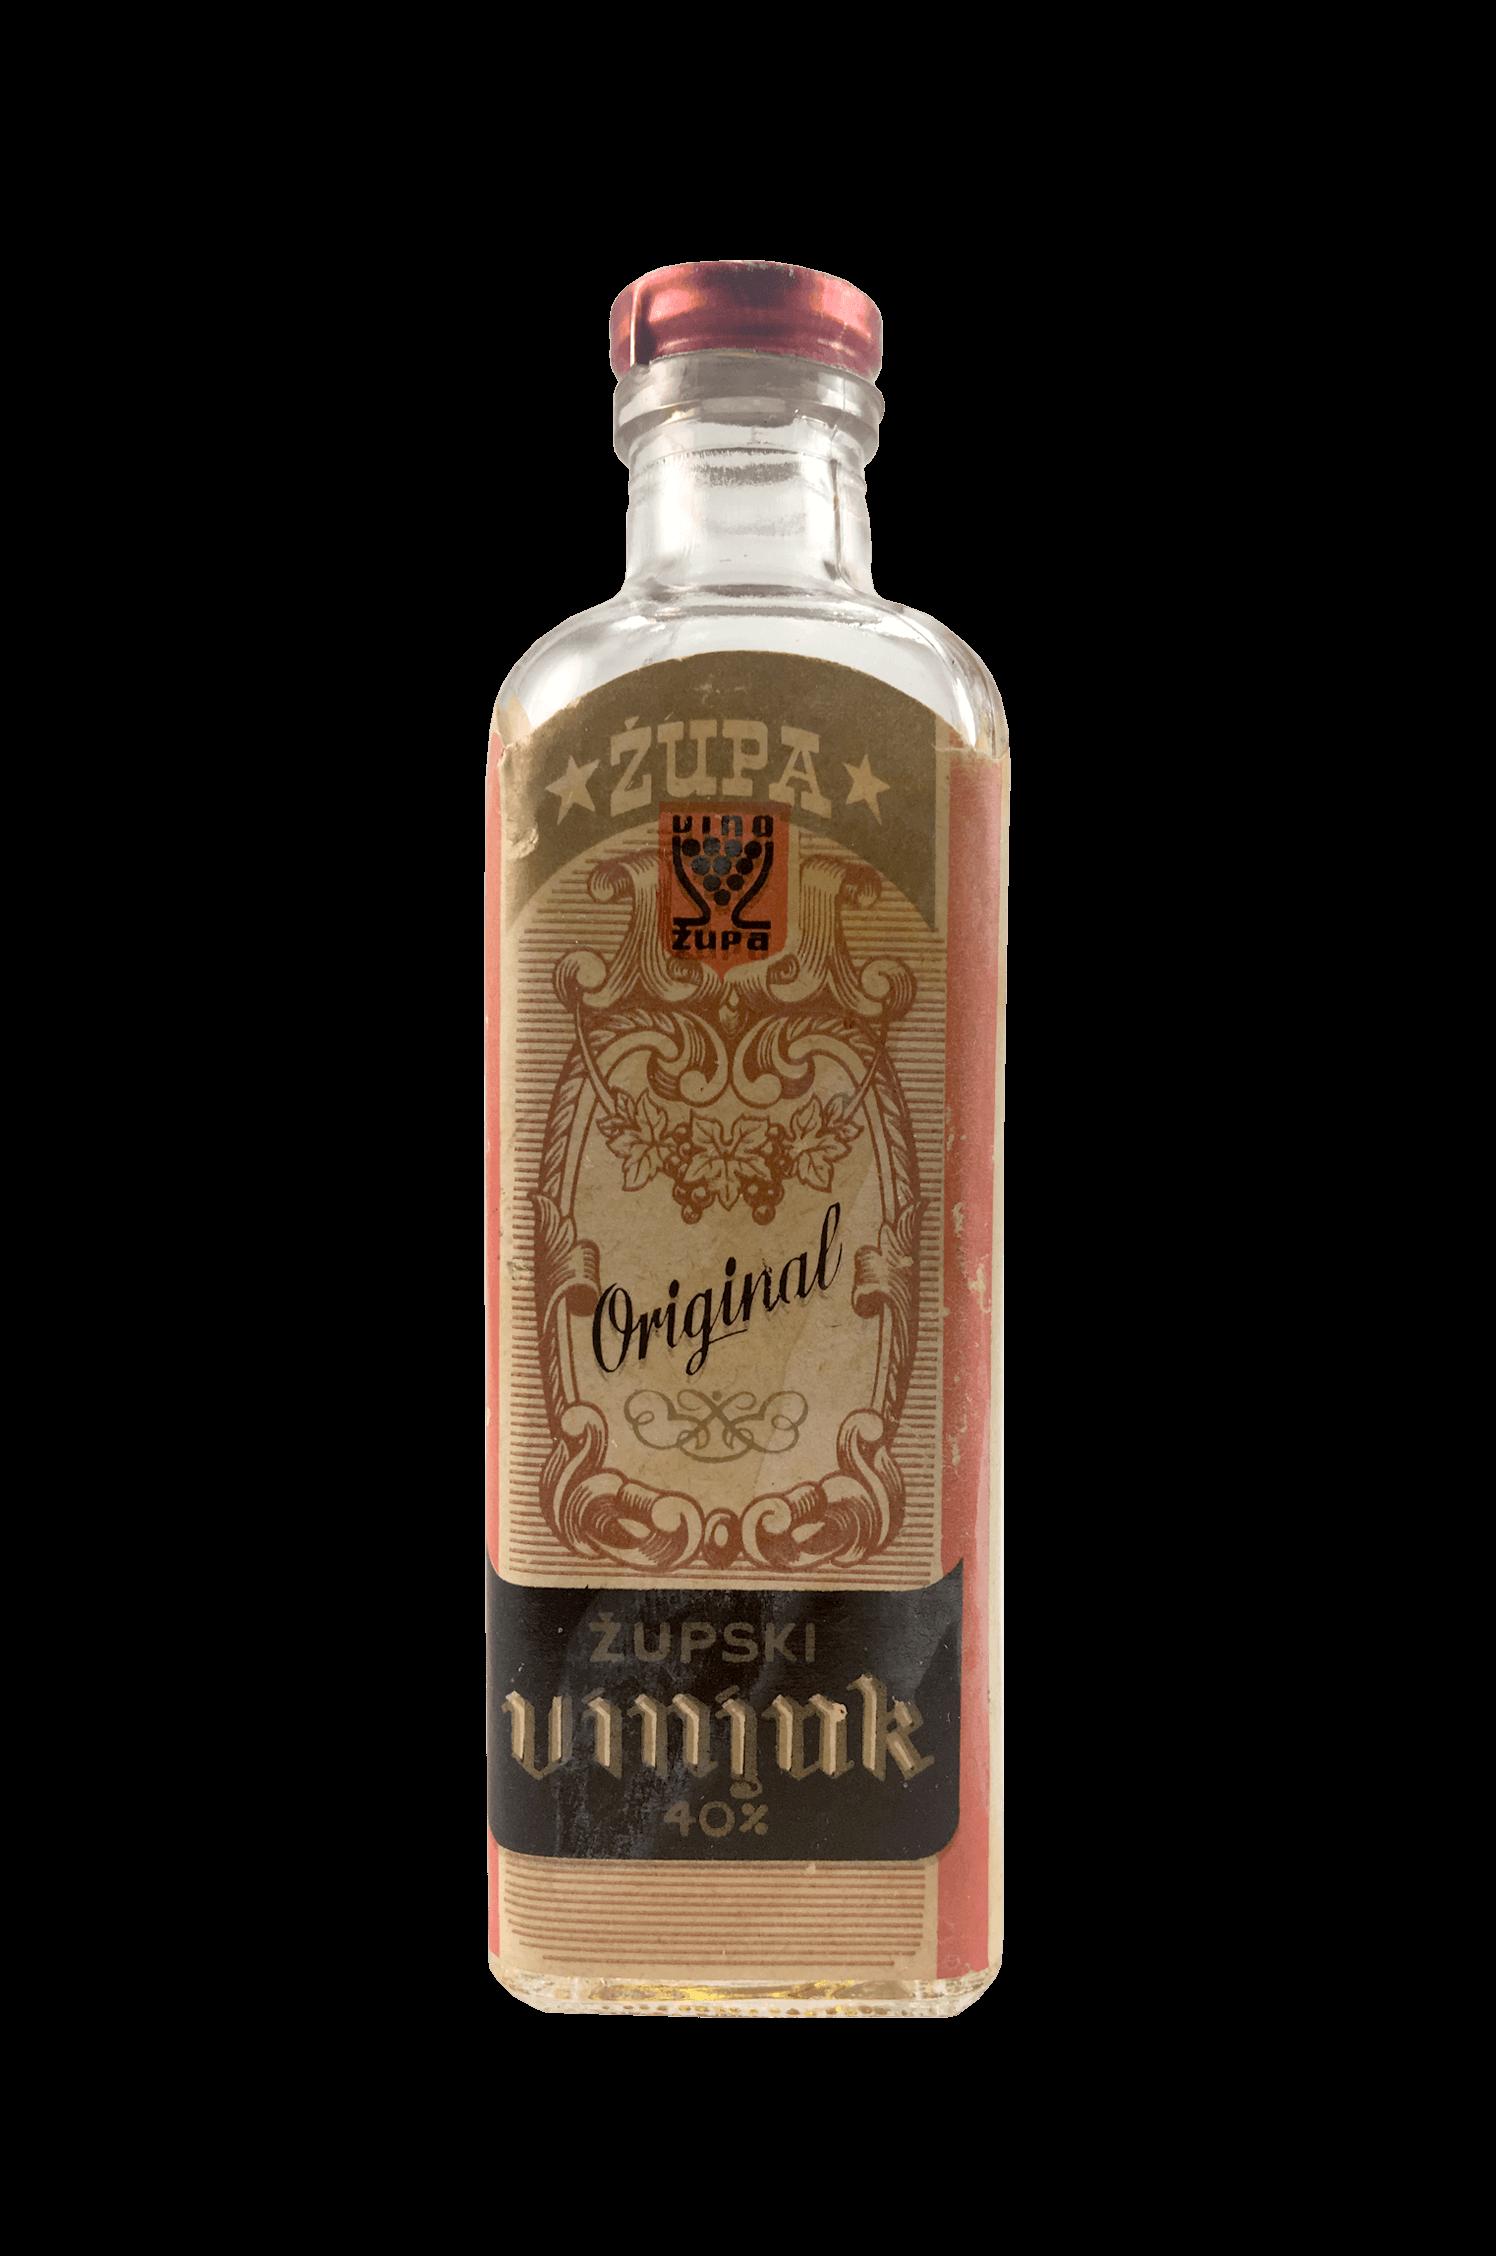 Original Župski Viniak